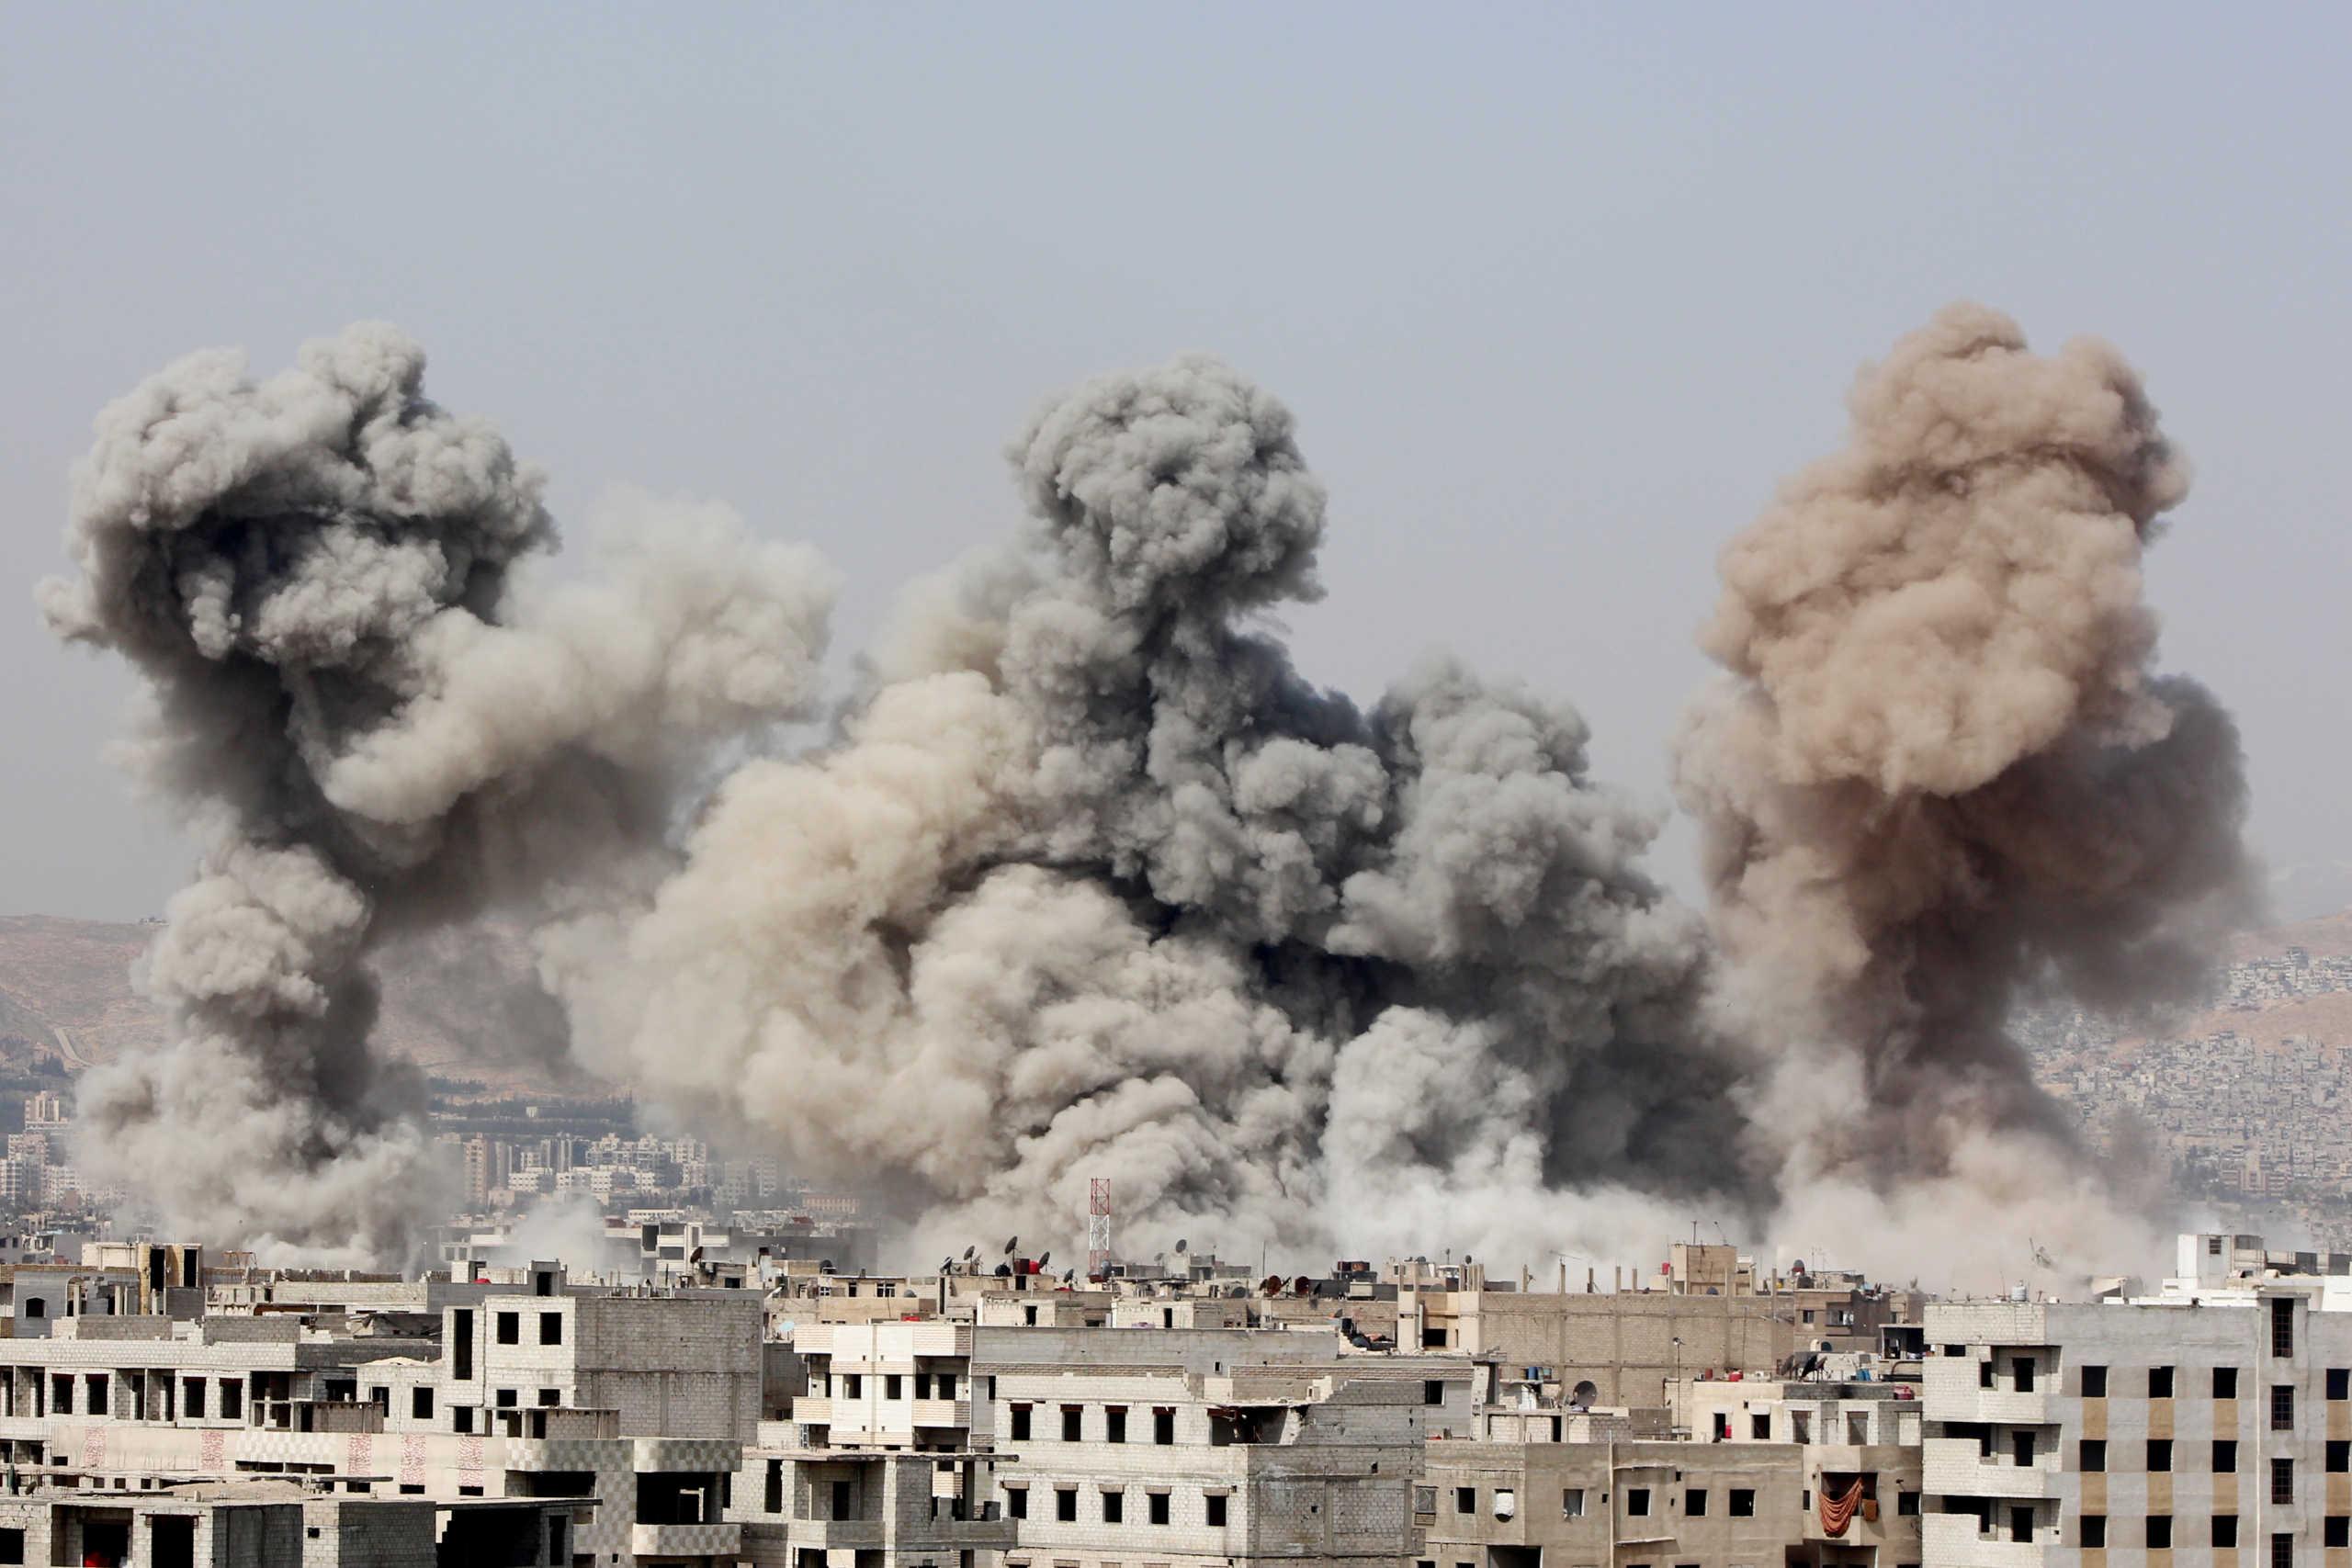 Βυθισμένη στο σκοτάδι η Συρία από έκρηξη σε αγωγό αερίου